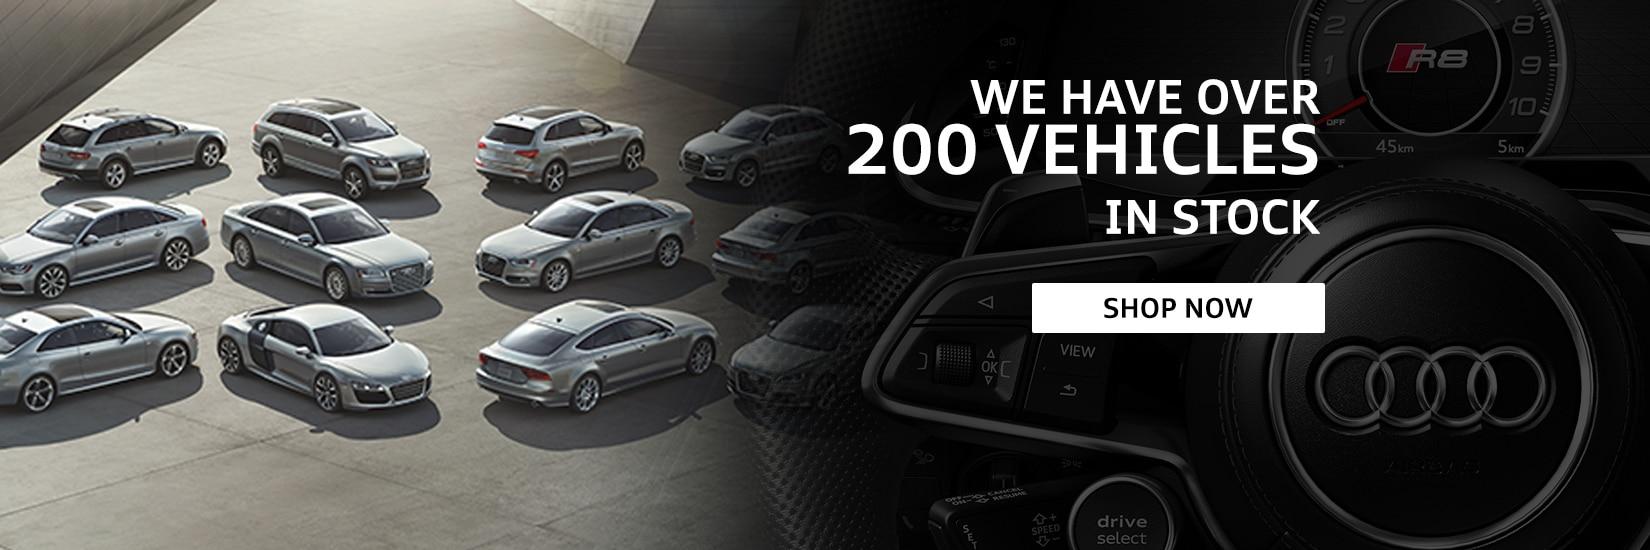 Audi Creve Coeur   New Audi dealership in Creve Coeur, MO 63141